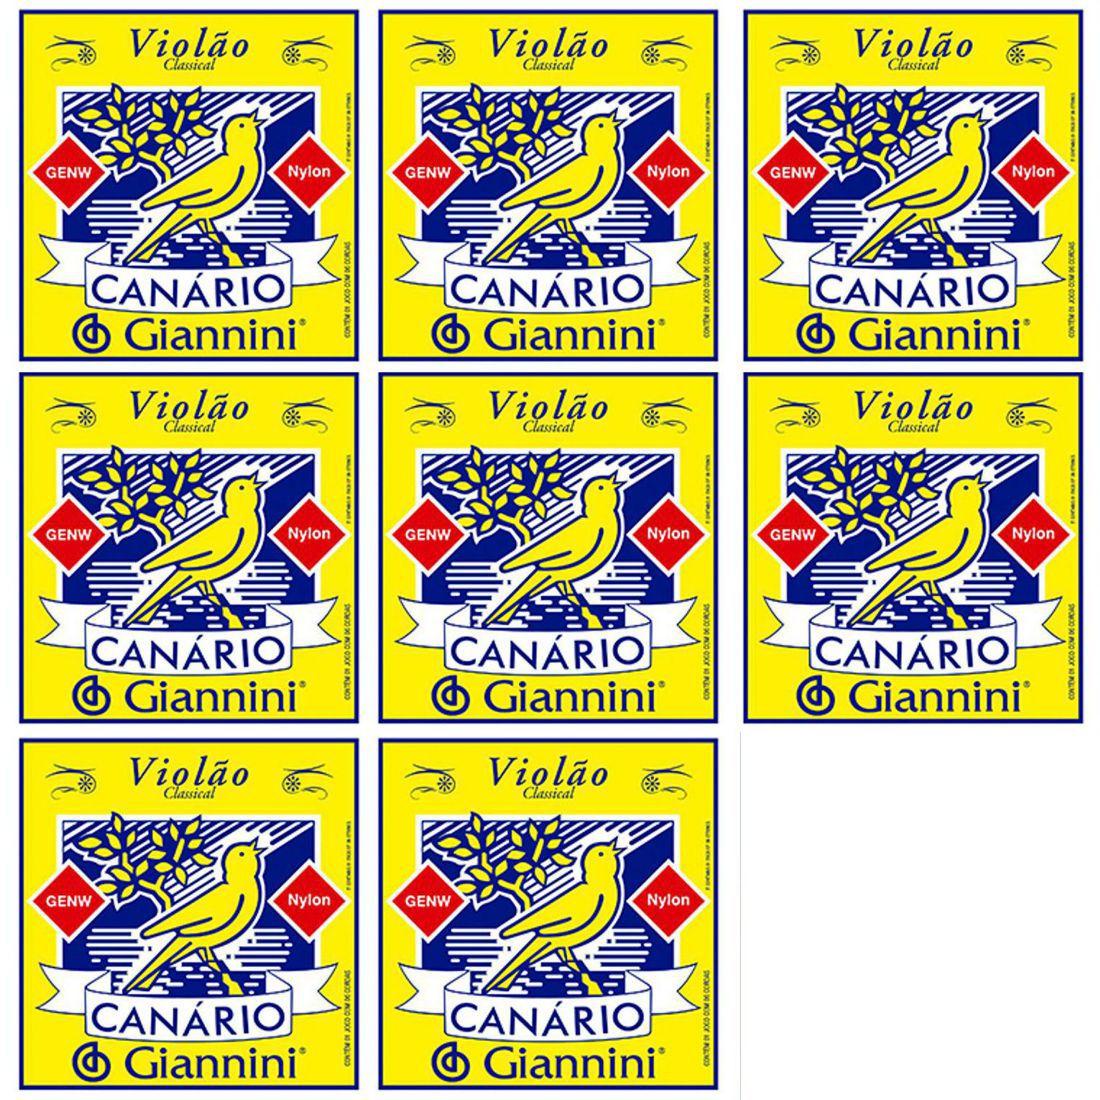 Encordoamento Giannini Canário Violão NYLON - Cordas de NYLON para Violão - GENW - 08 Jogos